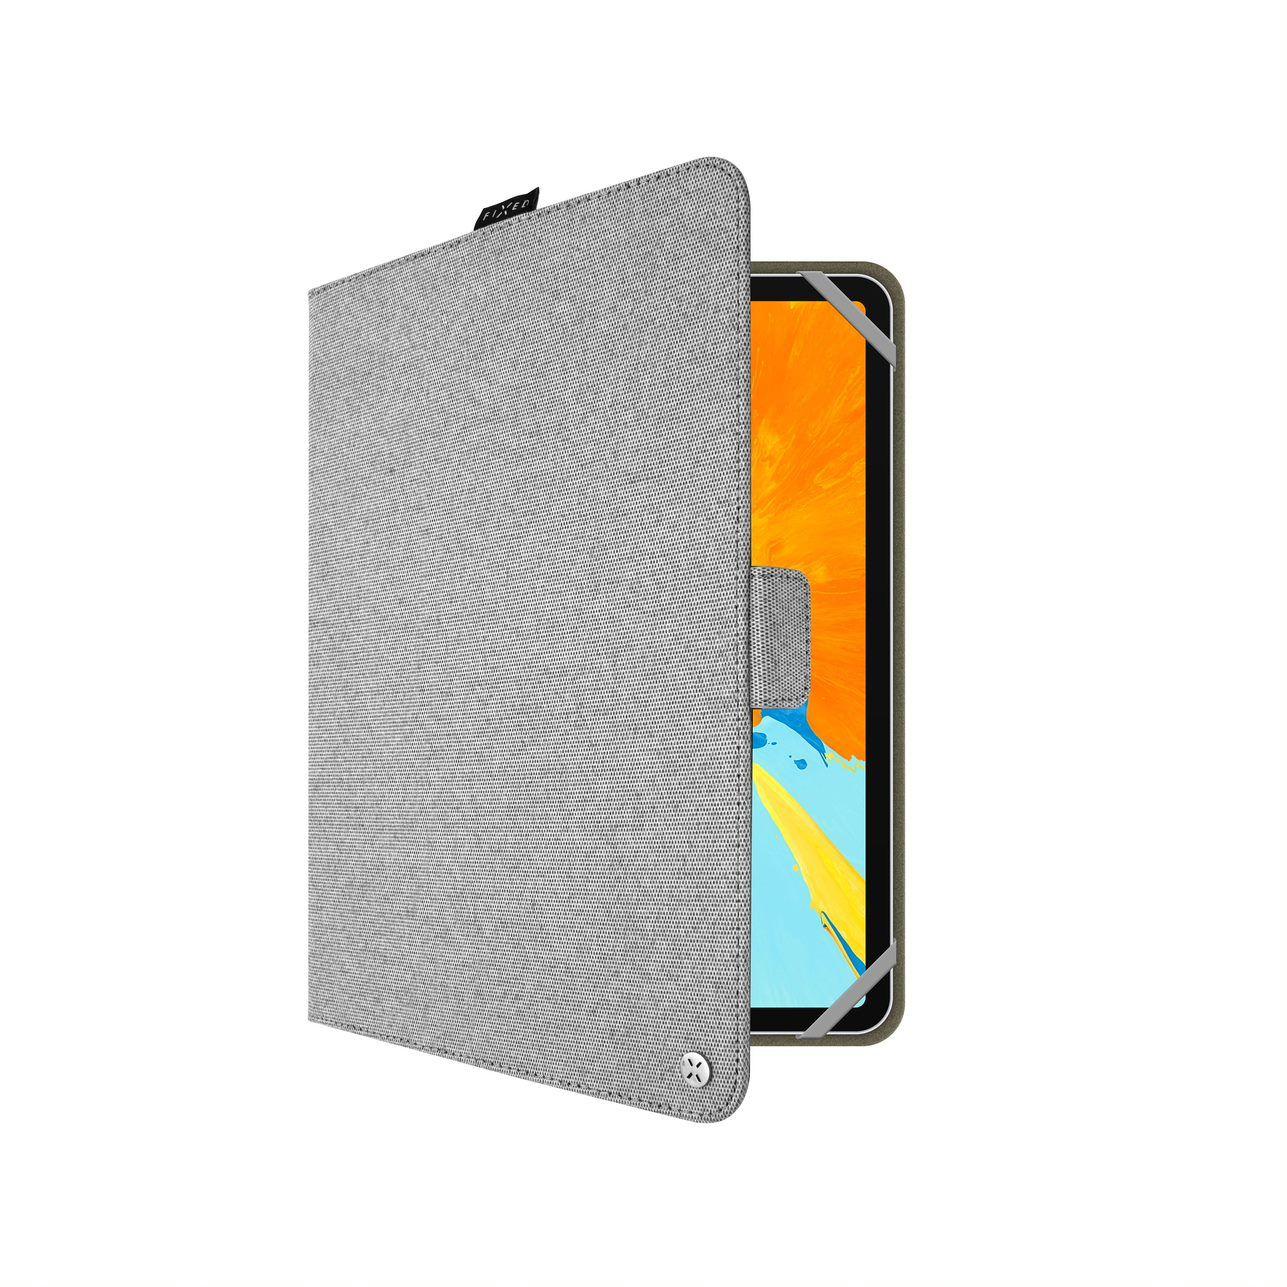 Textilní Pouzdro pro 10,1'' tablet FIXED, šedá - FIXNOV-T10-GR